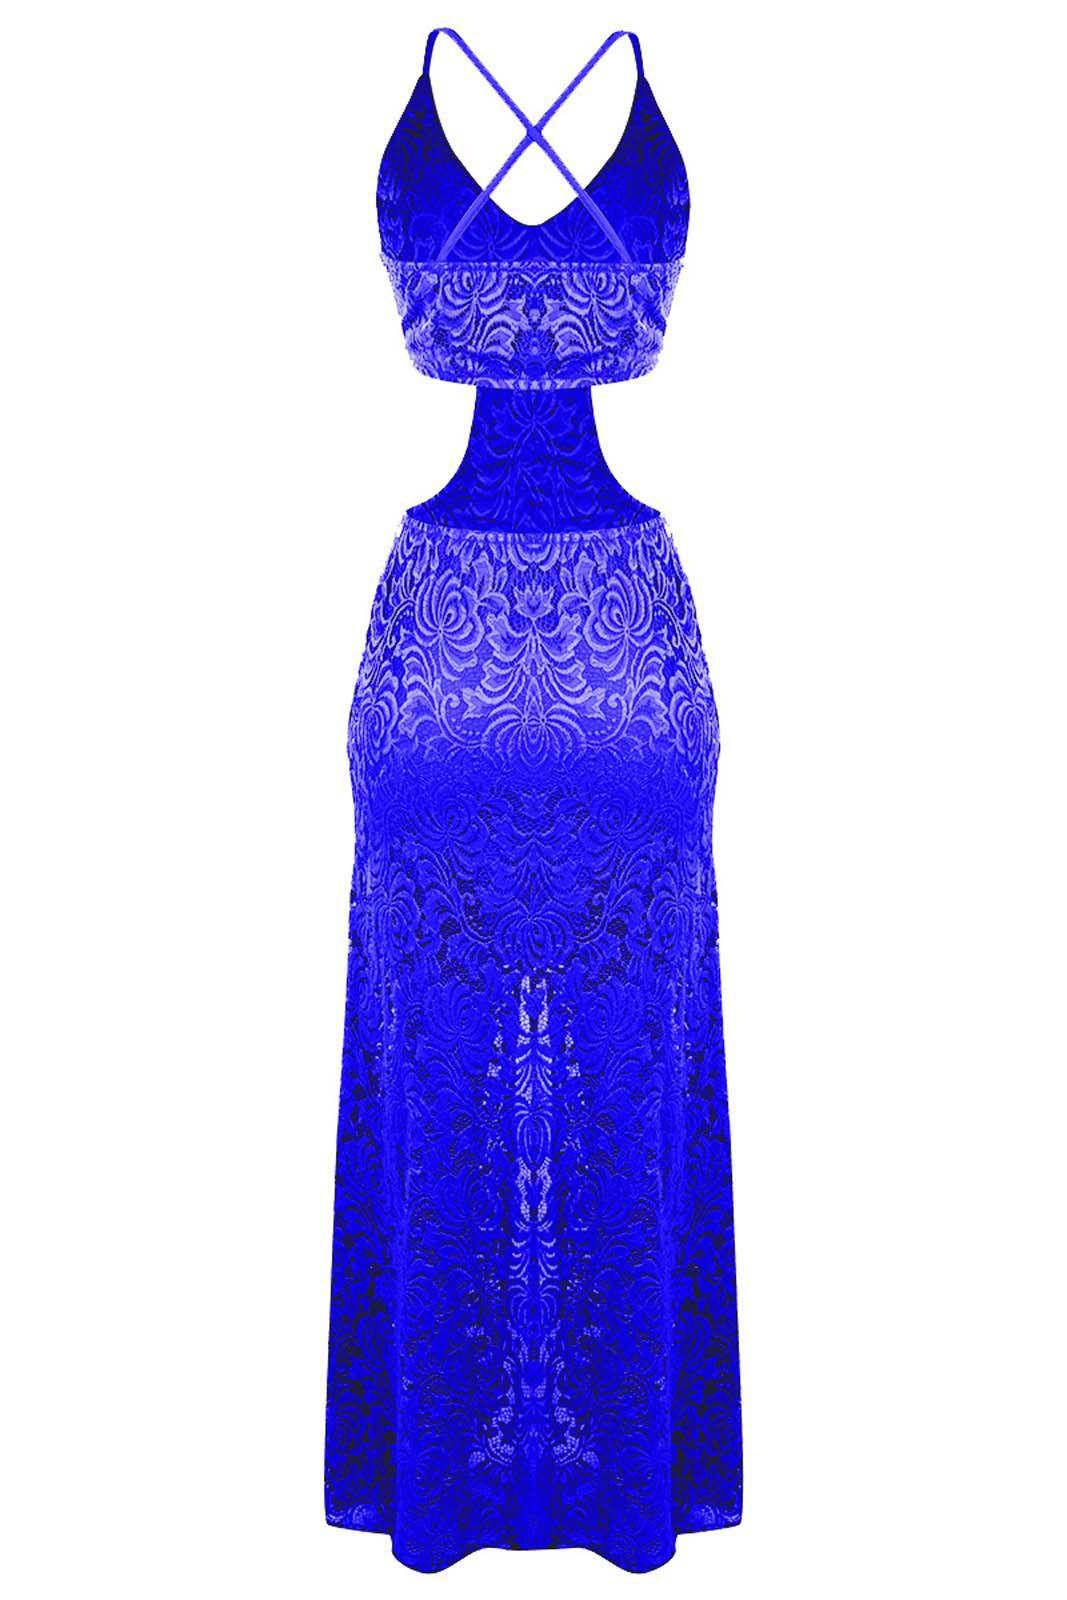 Vestido OutletDri Longo Rendado Forrado Alcinha Fenda E Decote Lateral Azul